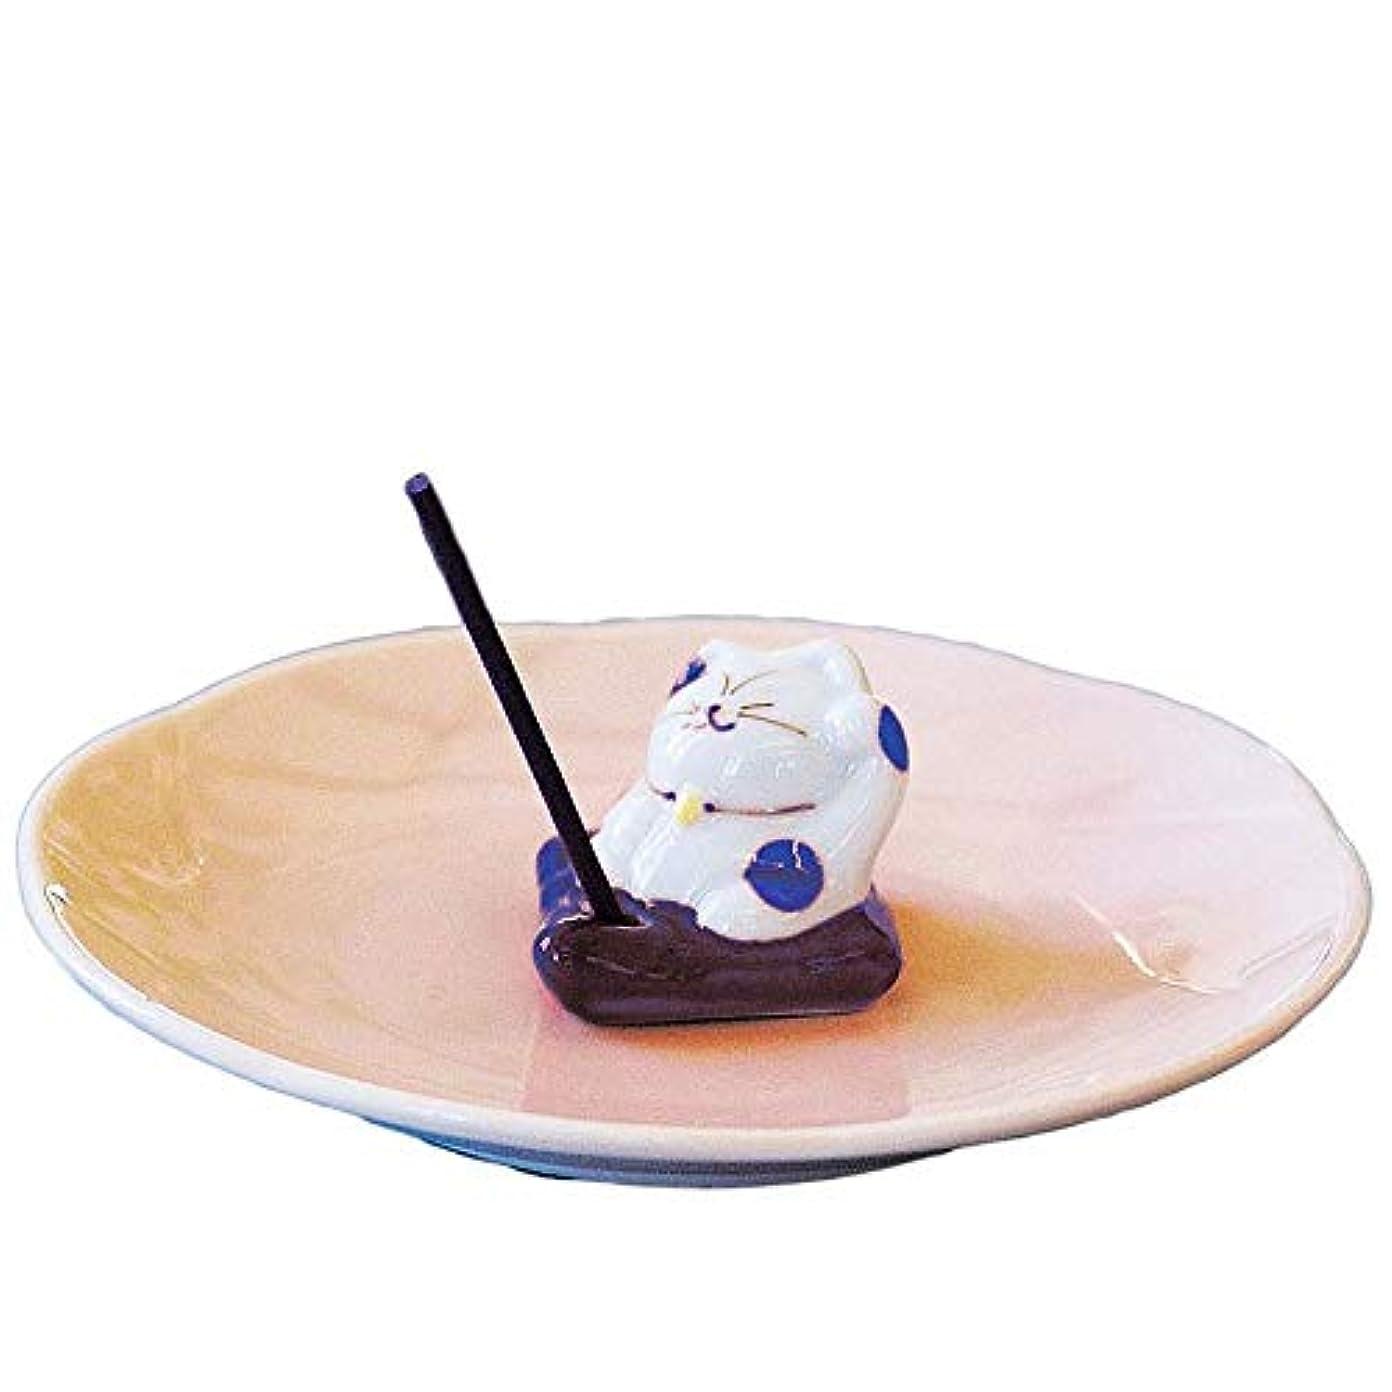 真面目な軽量電話をかける香皿 香立て/ザブトンネコ 香皿 ブルー/香り アロマ 癒やし リラックス インテリア プレゼント 贈り物